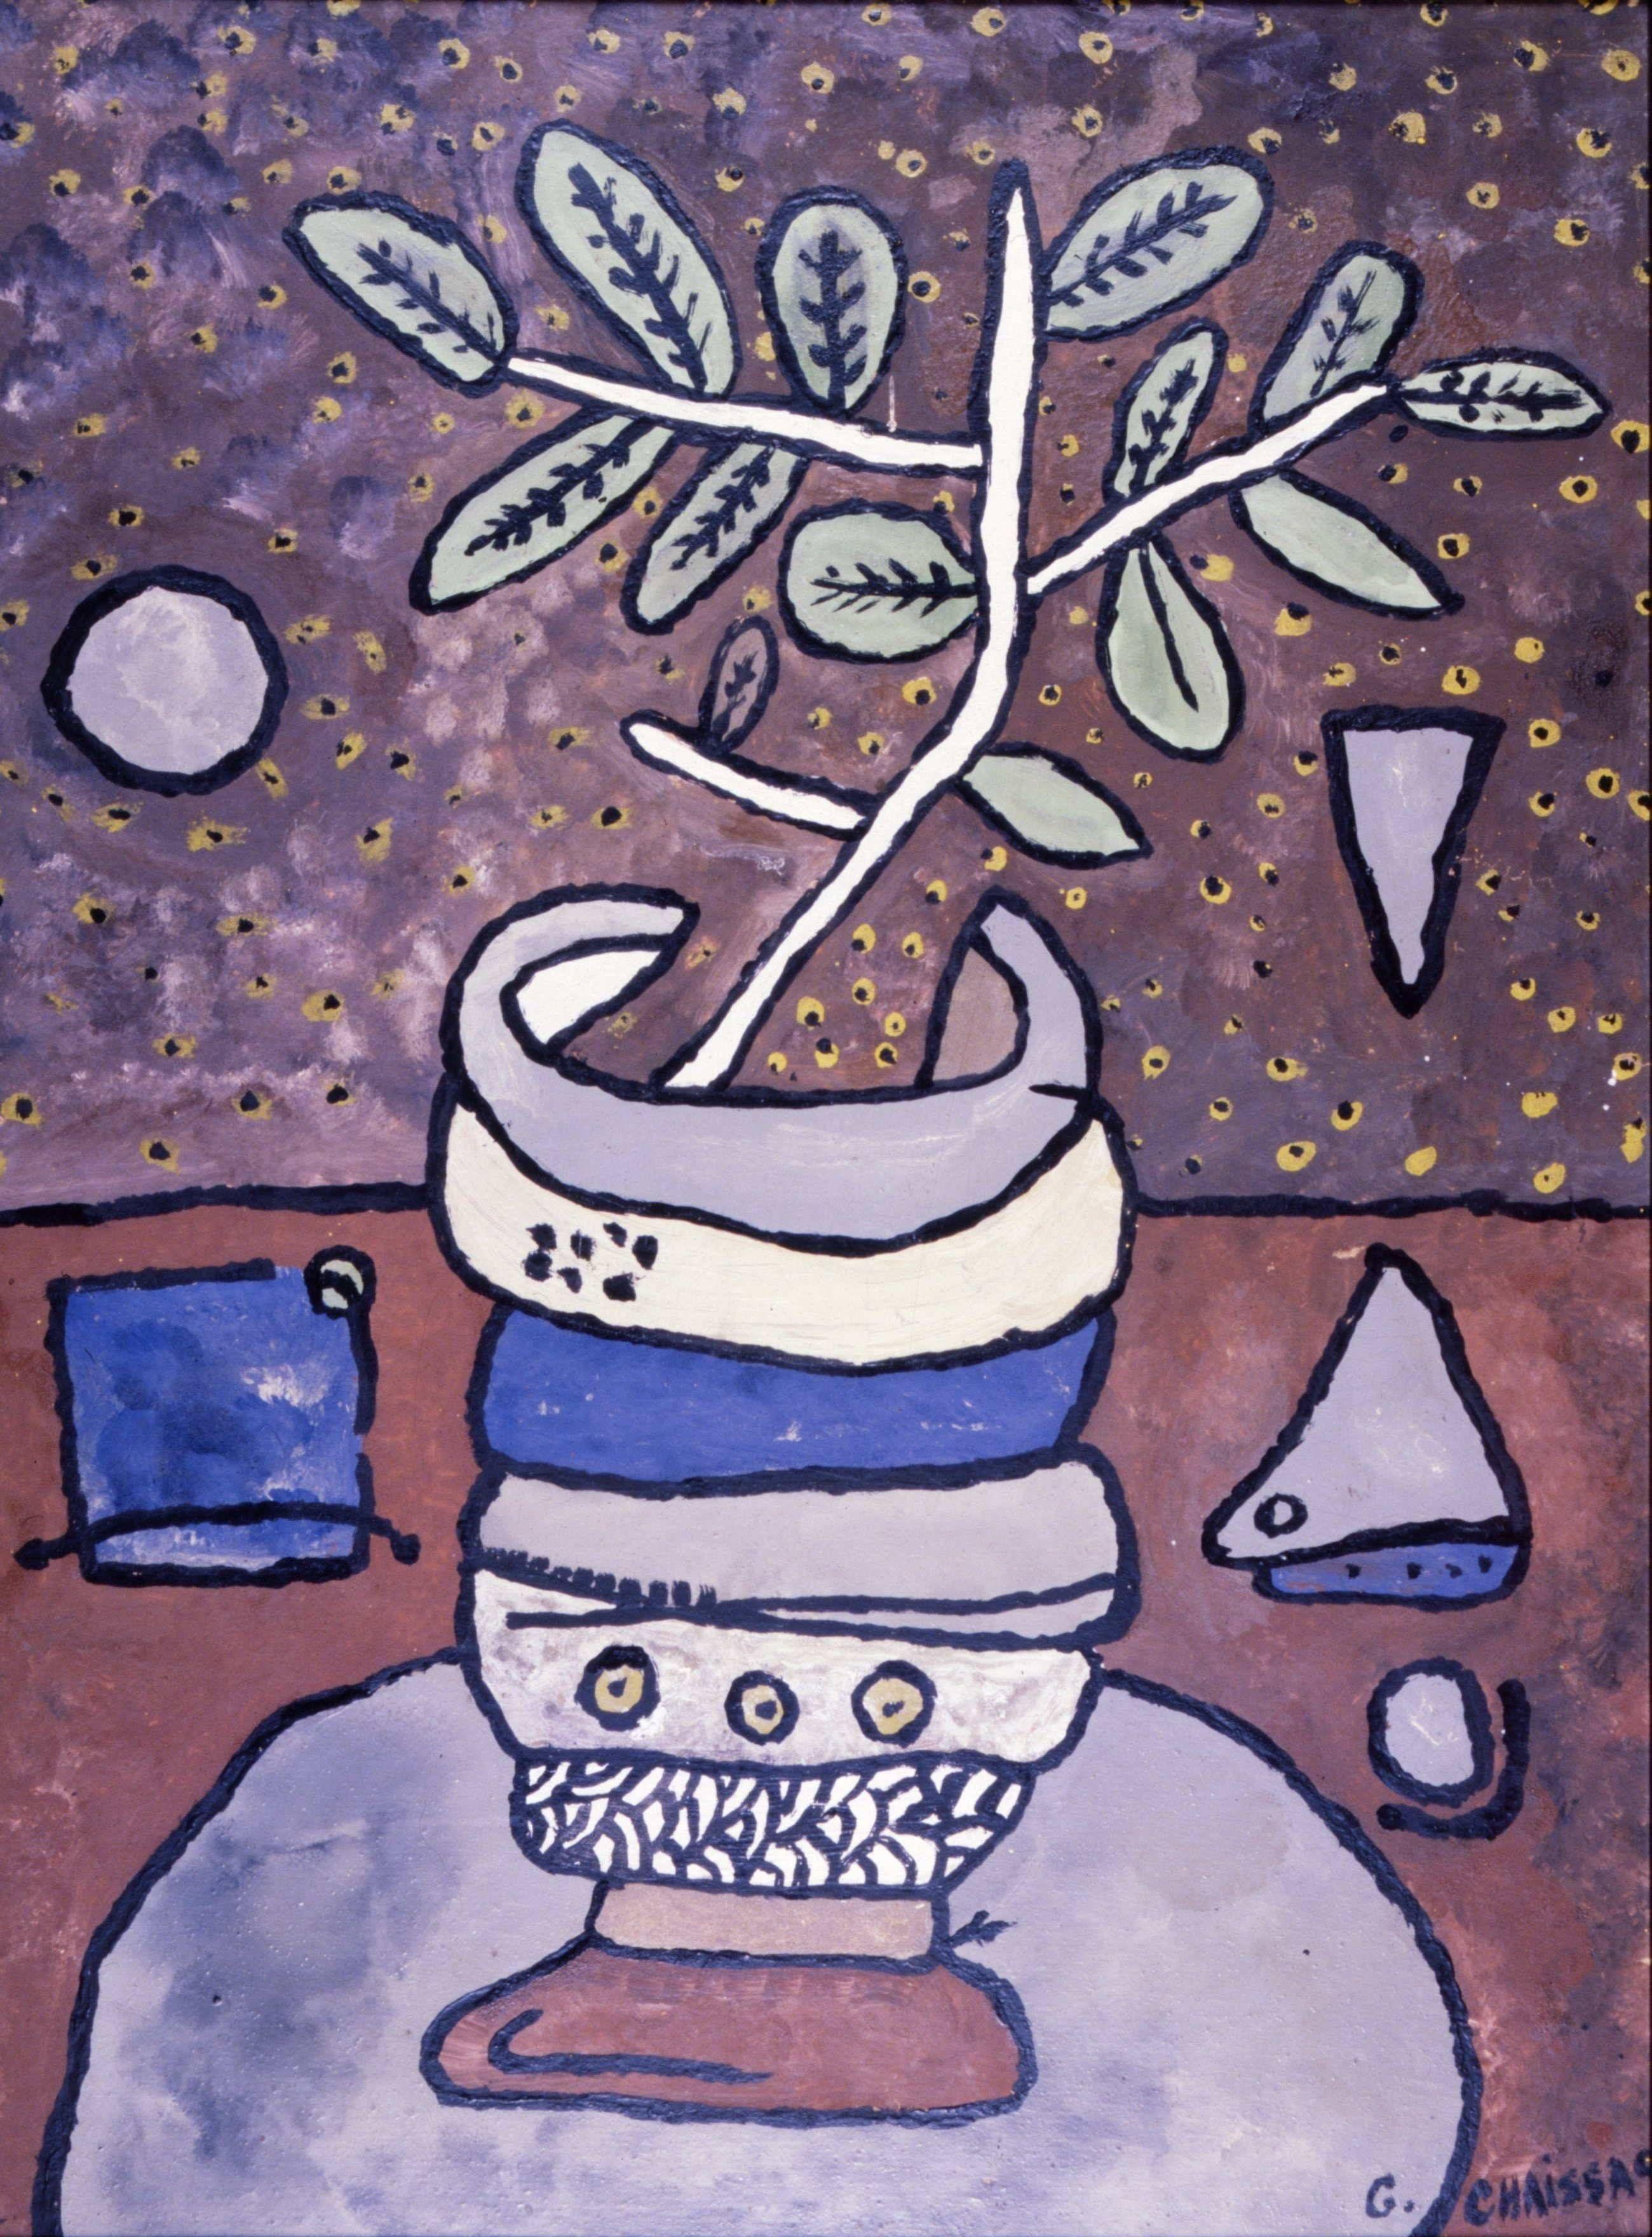 Gaston Chaissac, Nature morte, 1952